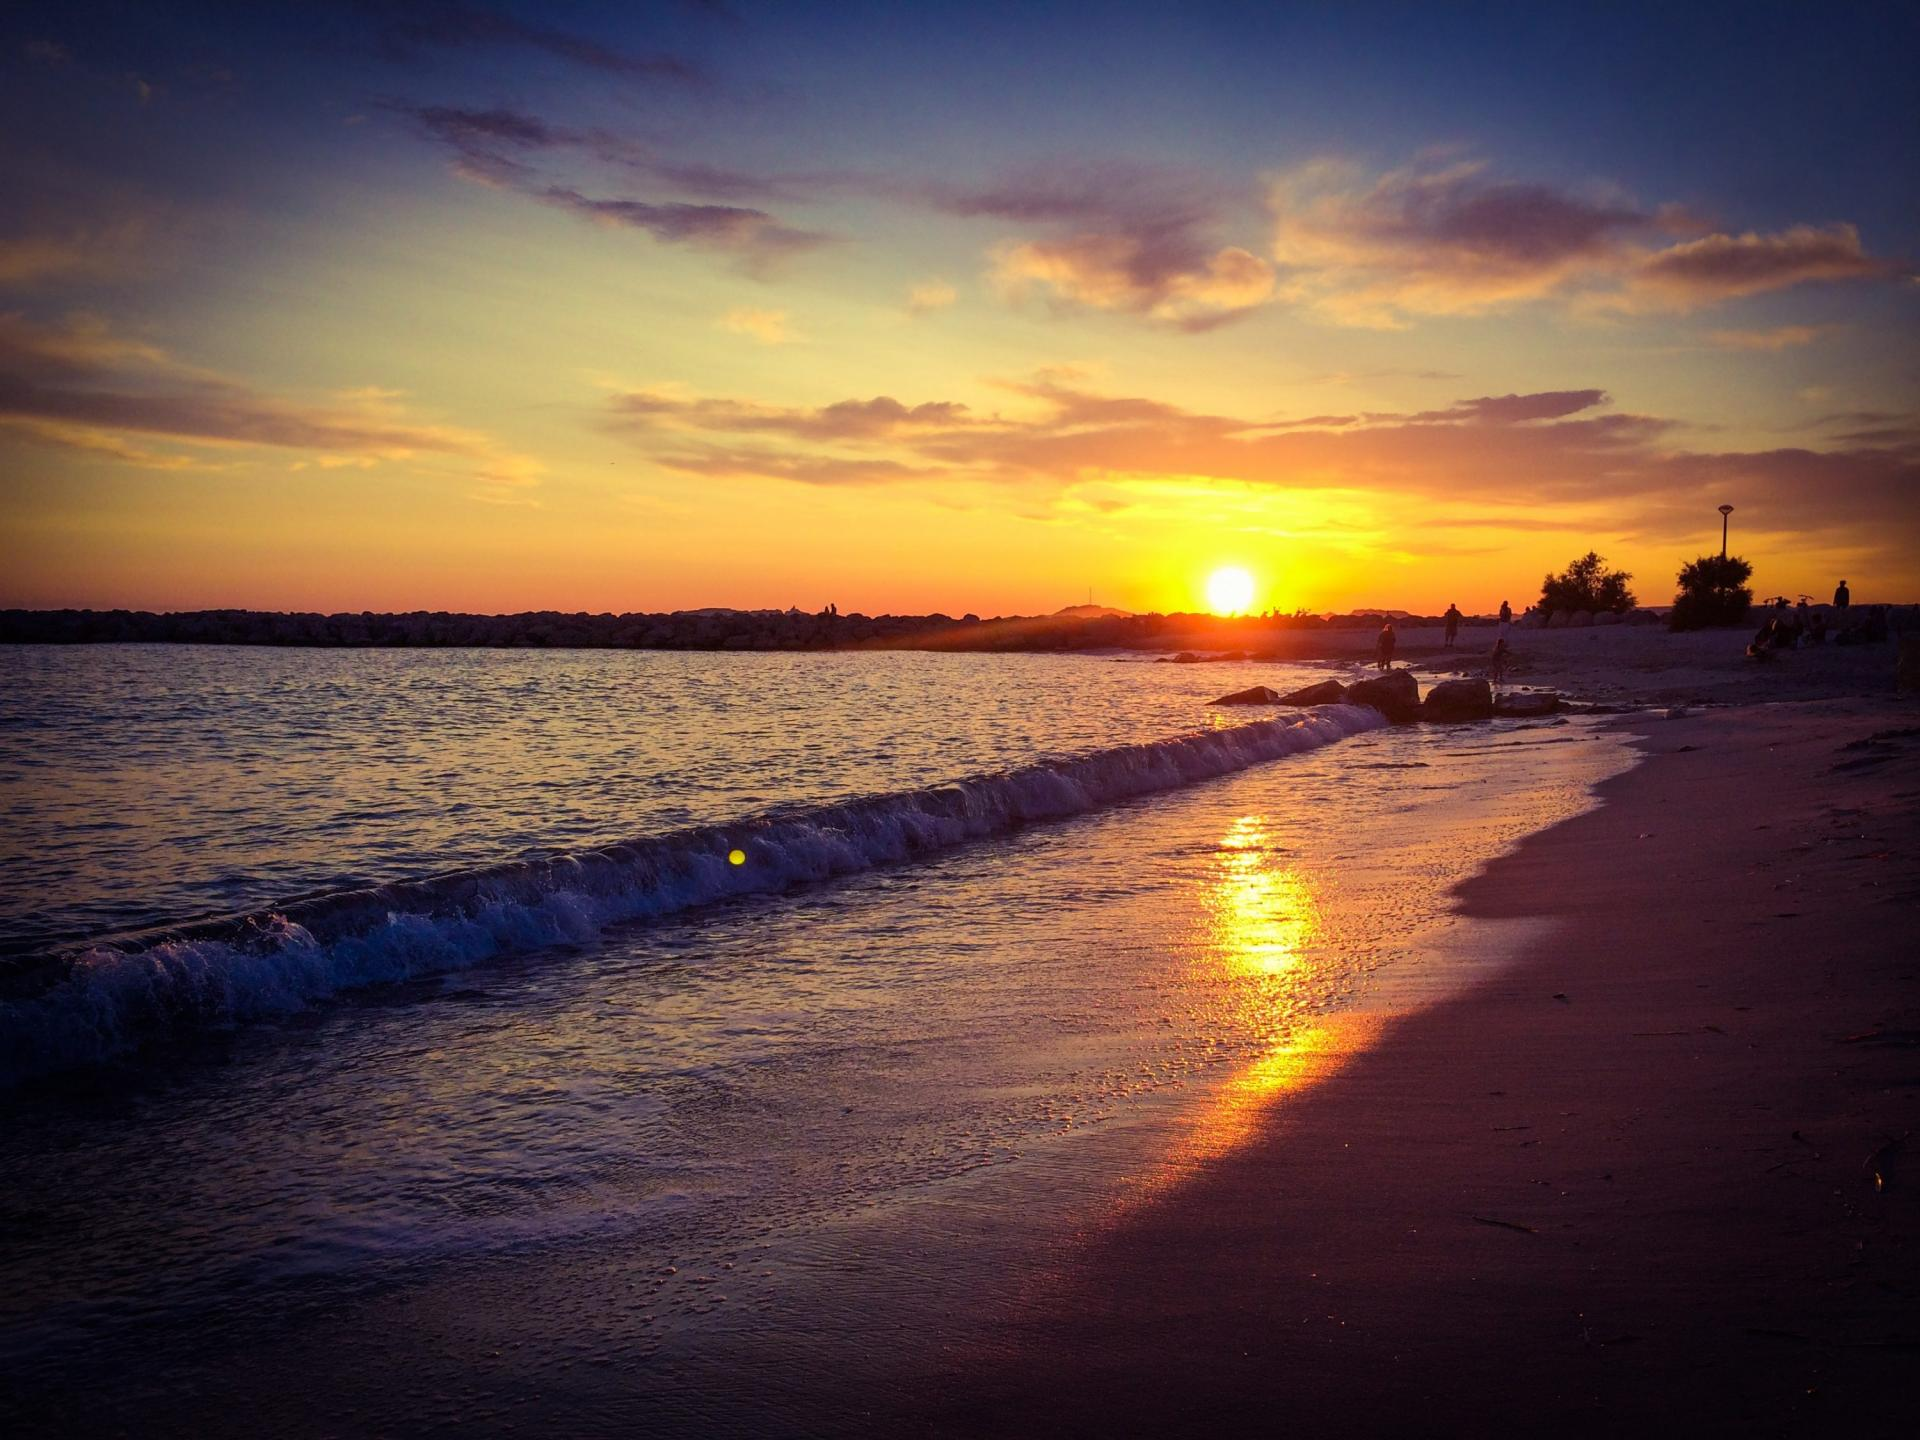 plage-borely-coucher-de-soleilvvotcm-e1632475681323.jpg